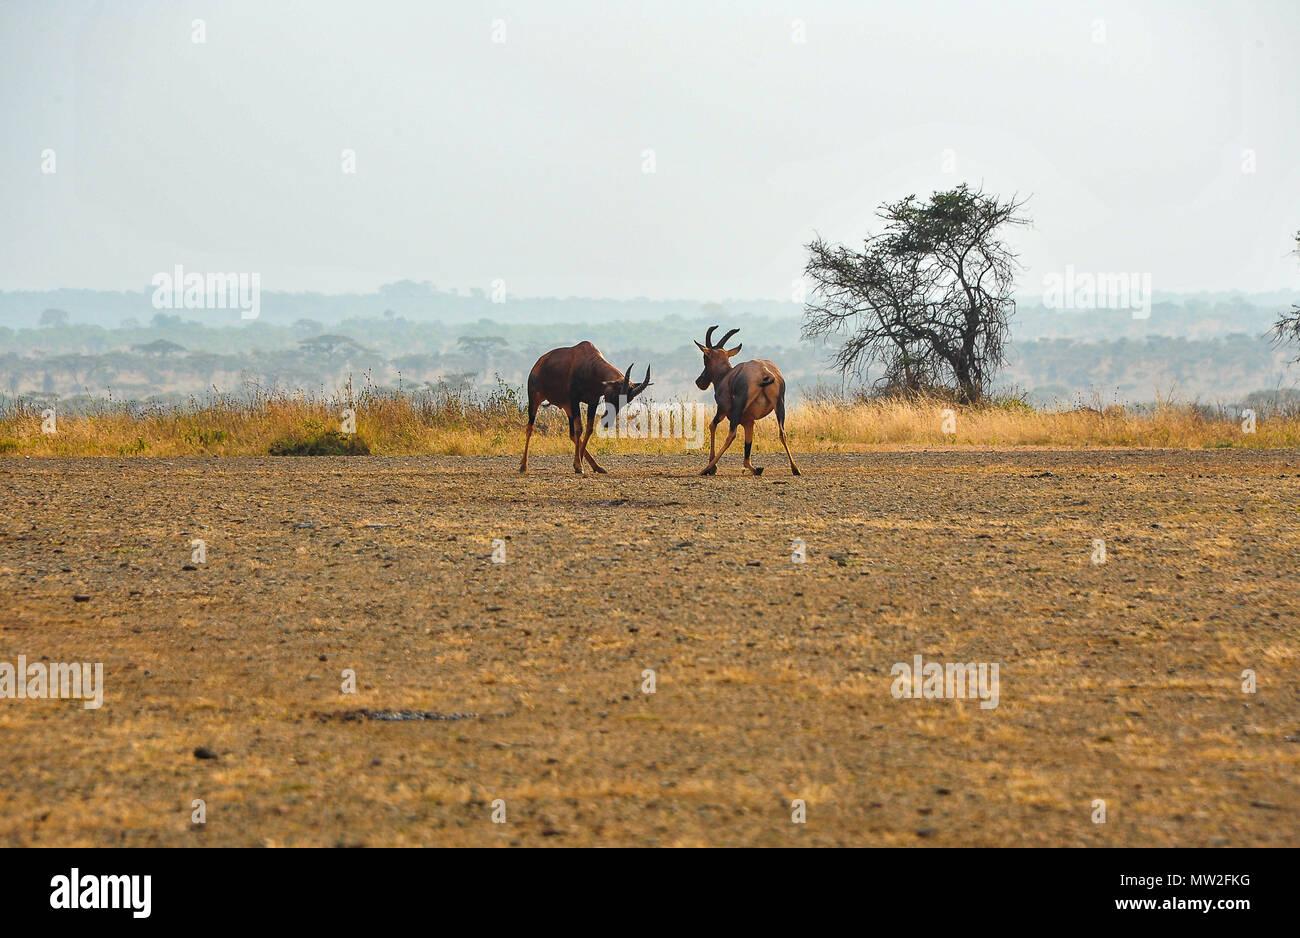 Topi di antilopi (Damaliscus lunatus jimela) lotta per il territorio in un paesaggio africano. Due giovani maschi bloccare corna sulla prateria a secco Immagini Stock